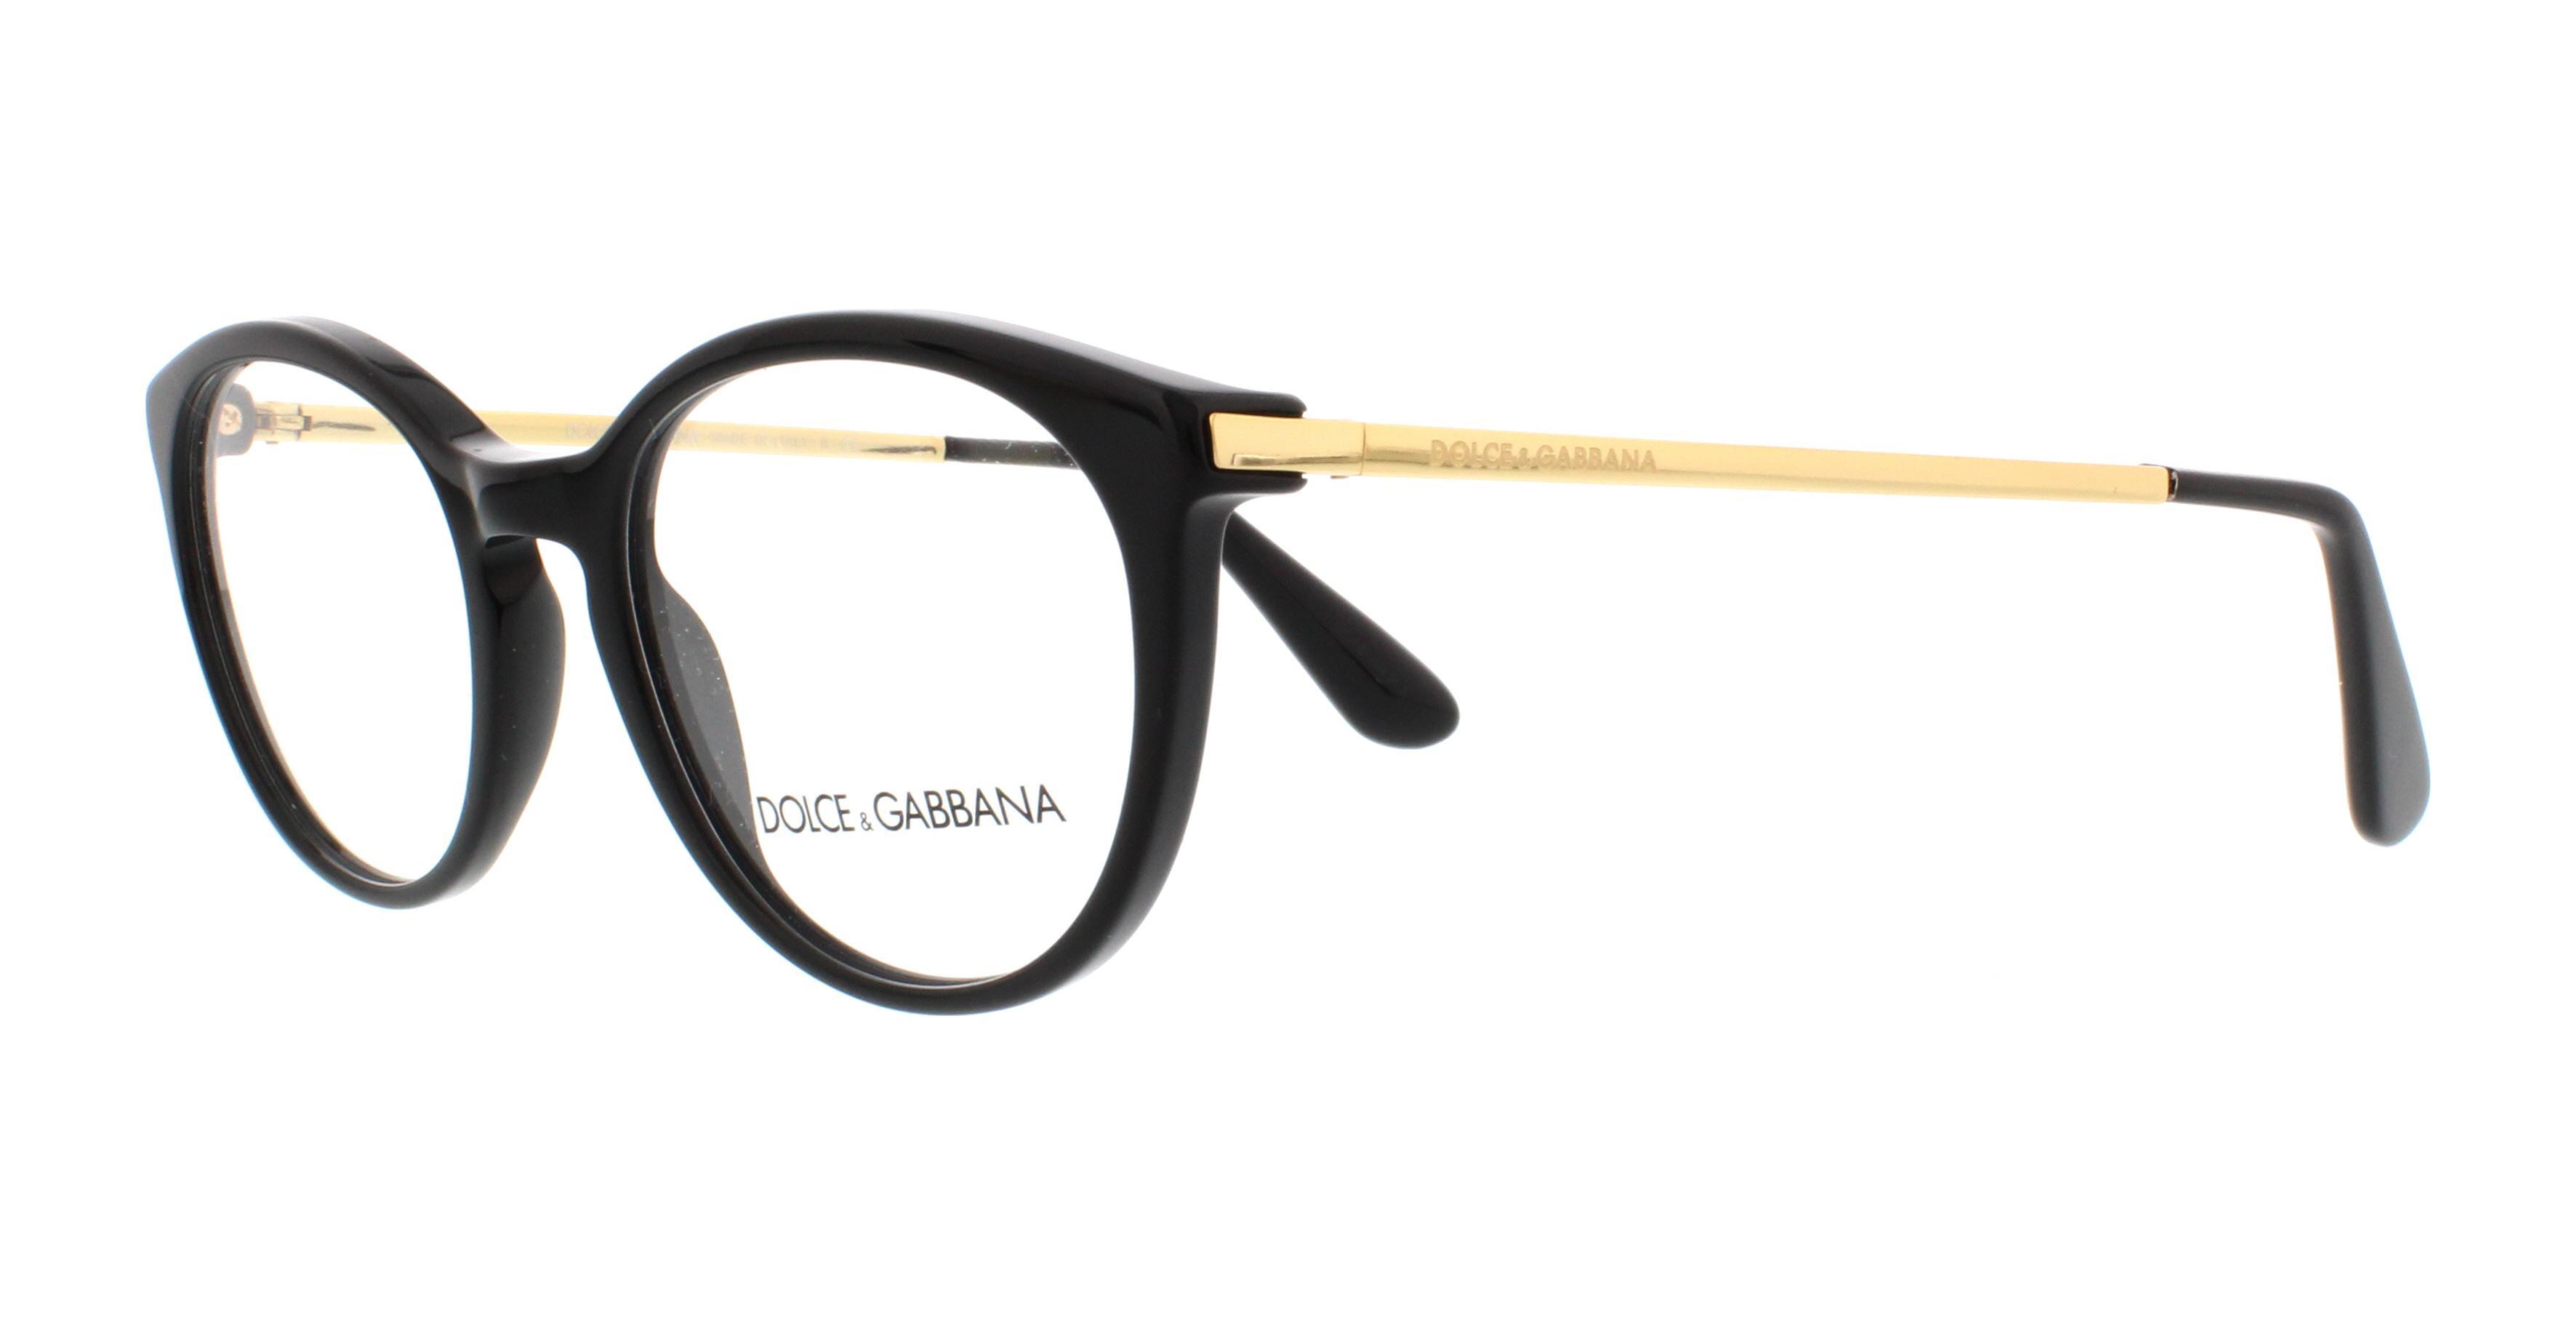 db94e2f2acc7 Designer Frames Outlet. Dolce   Gabbana DG3242